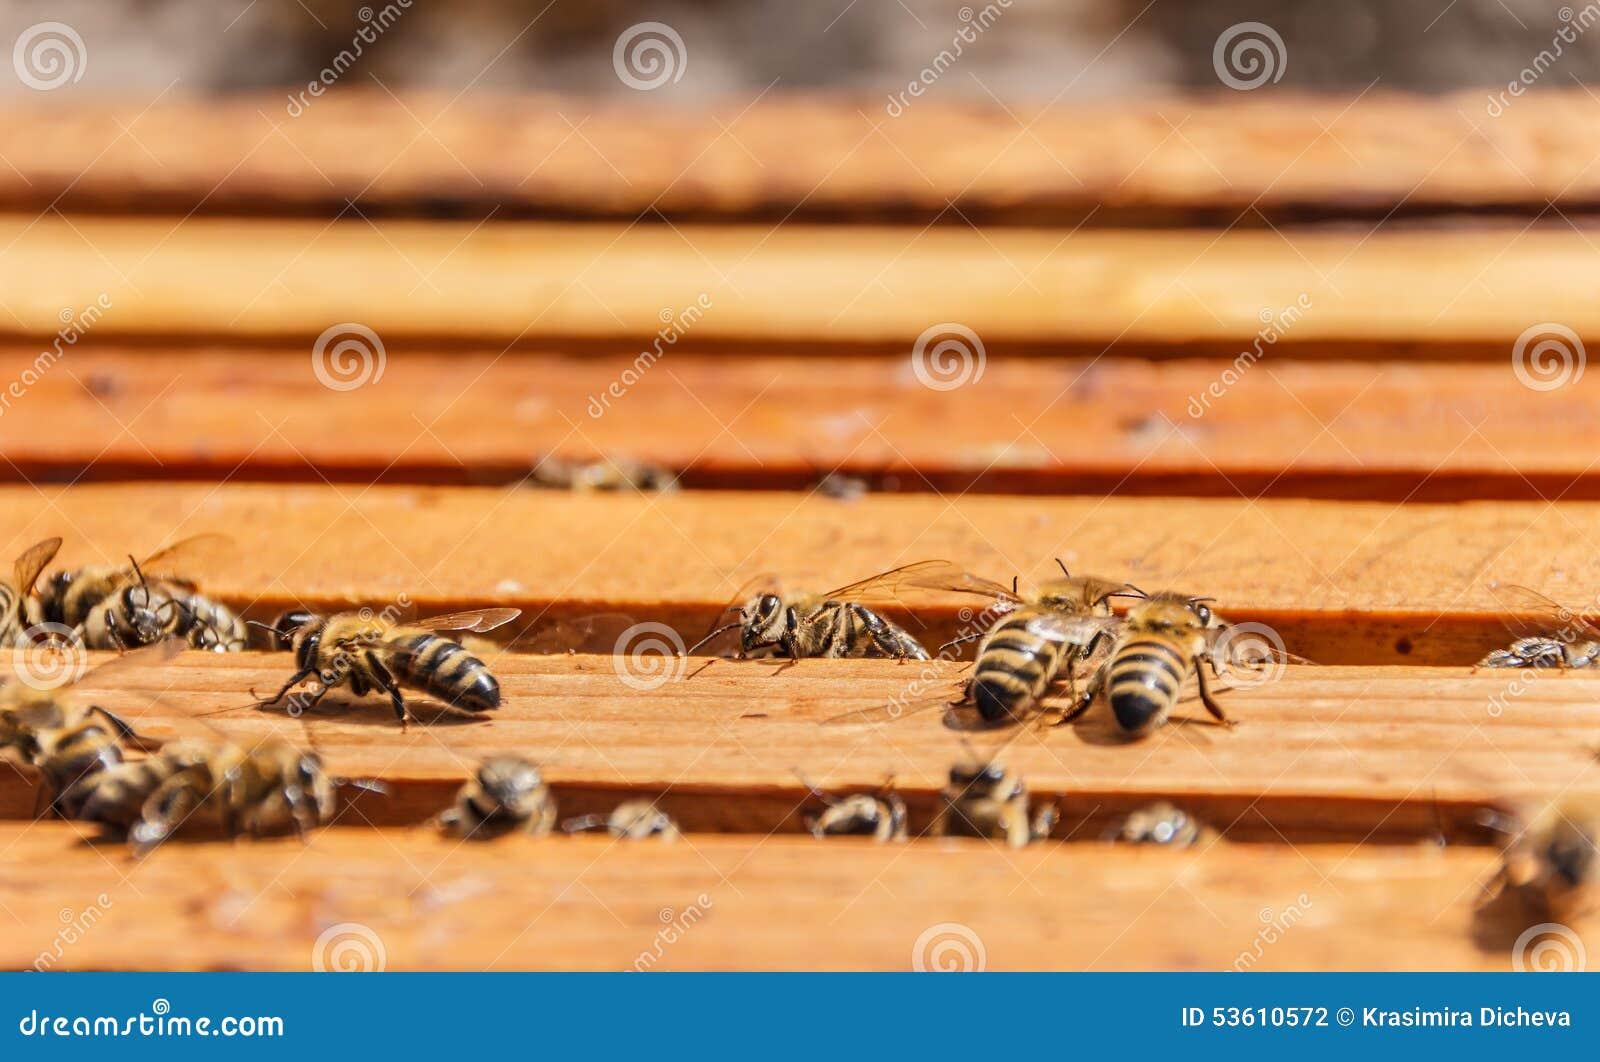 群集在框架老婆的蜂梦到老虎追怀孕的蜂窝图片